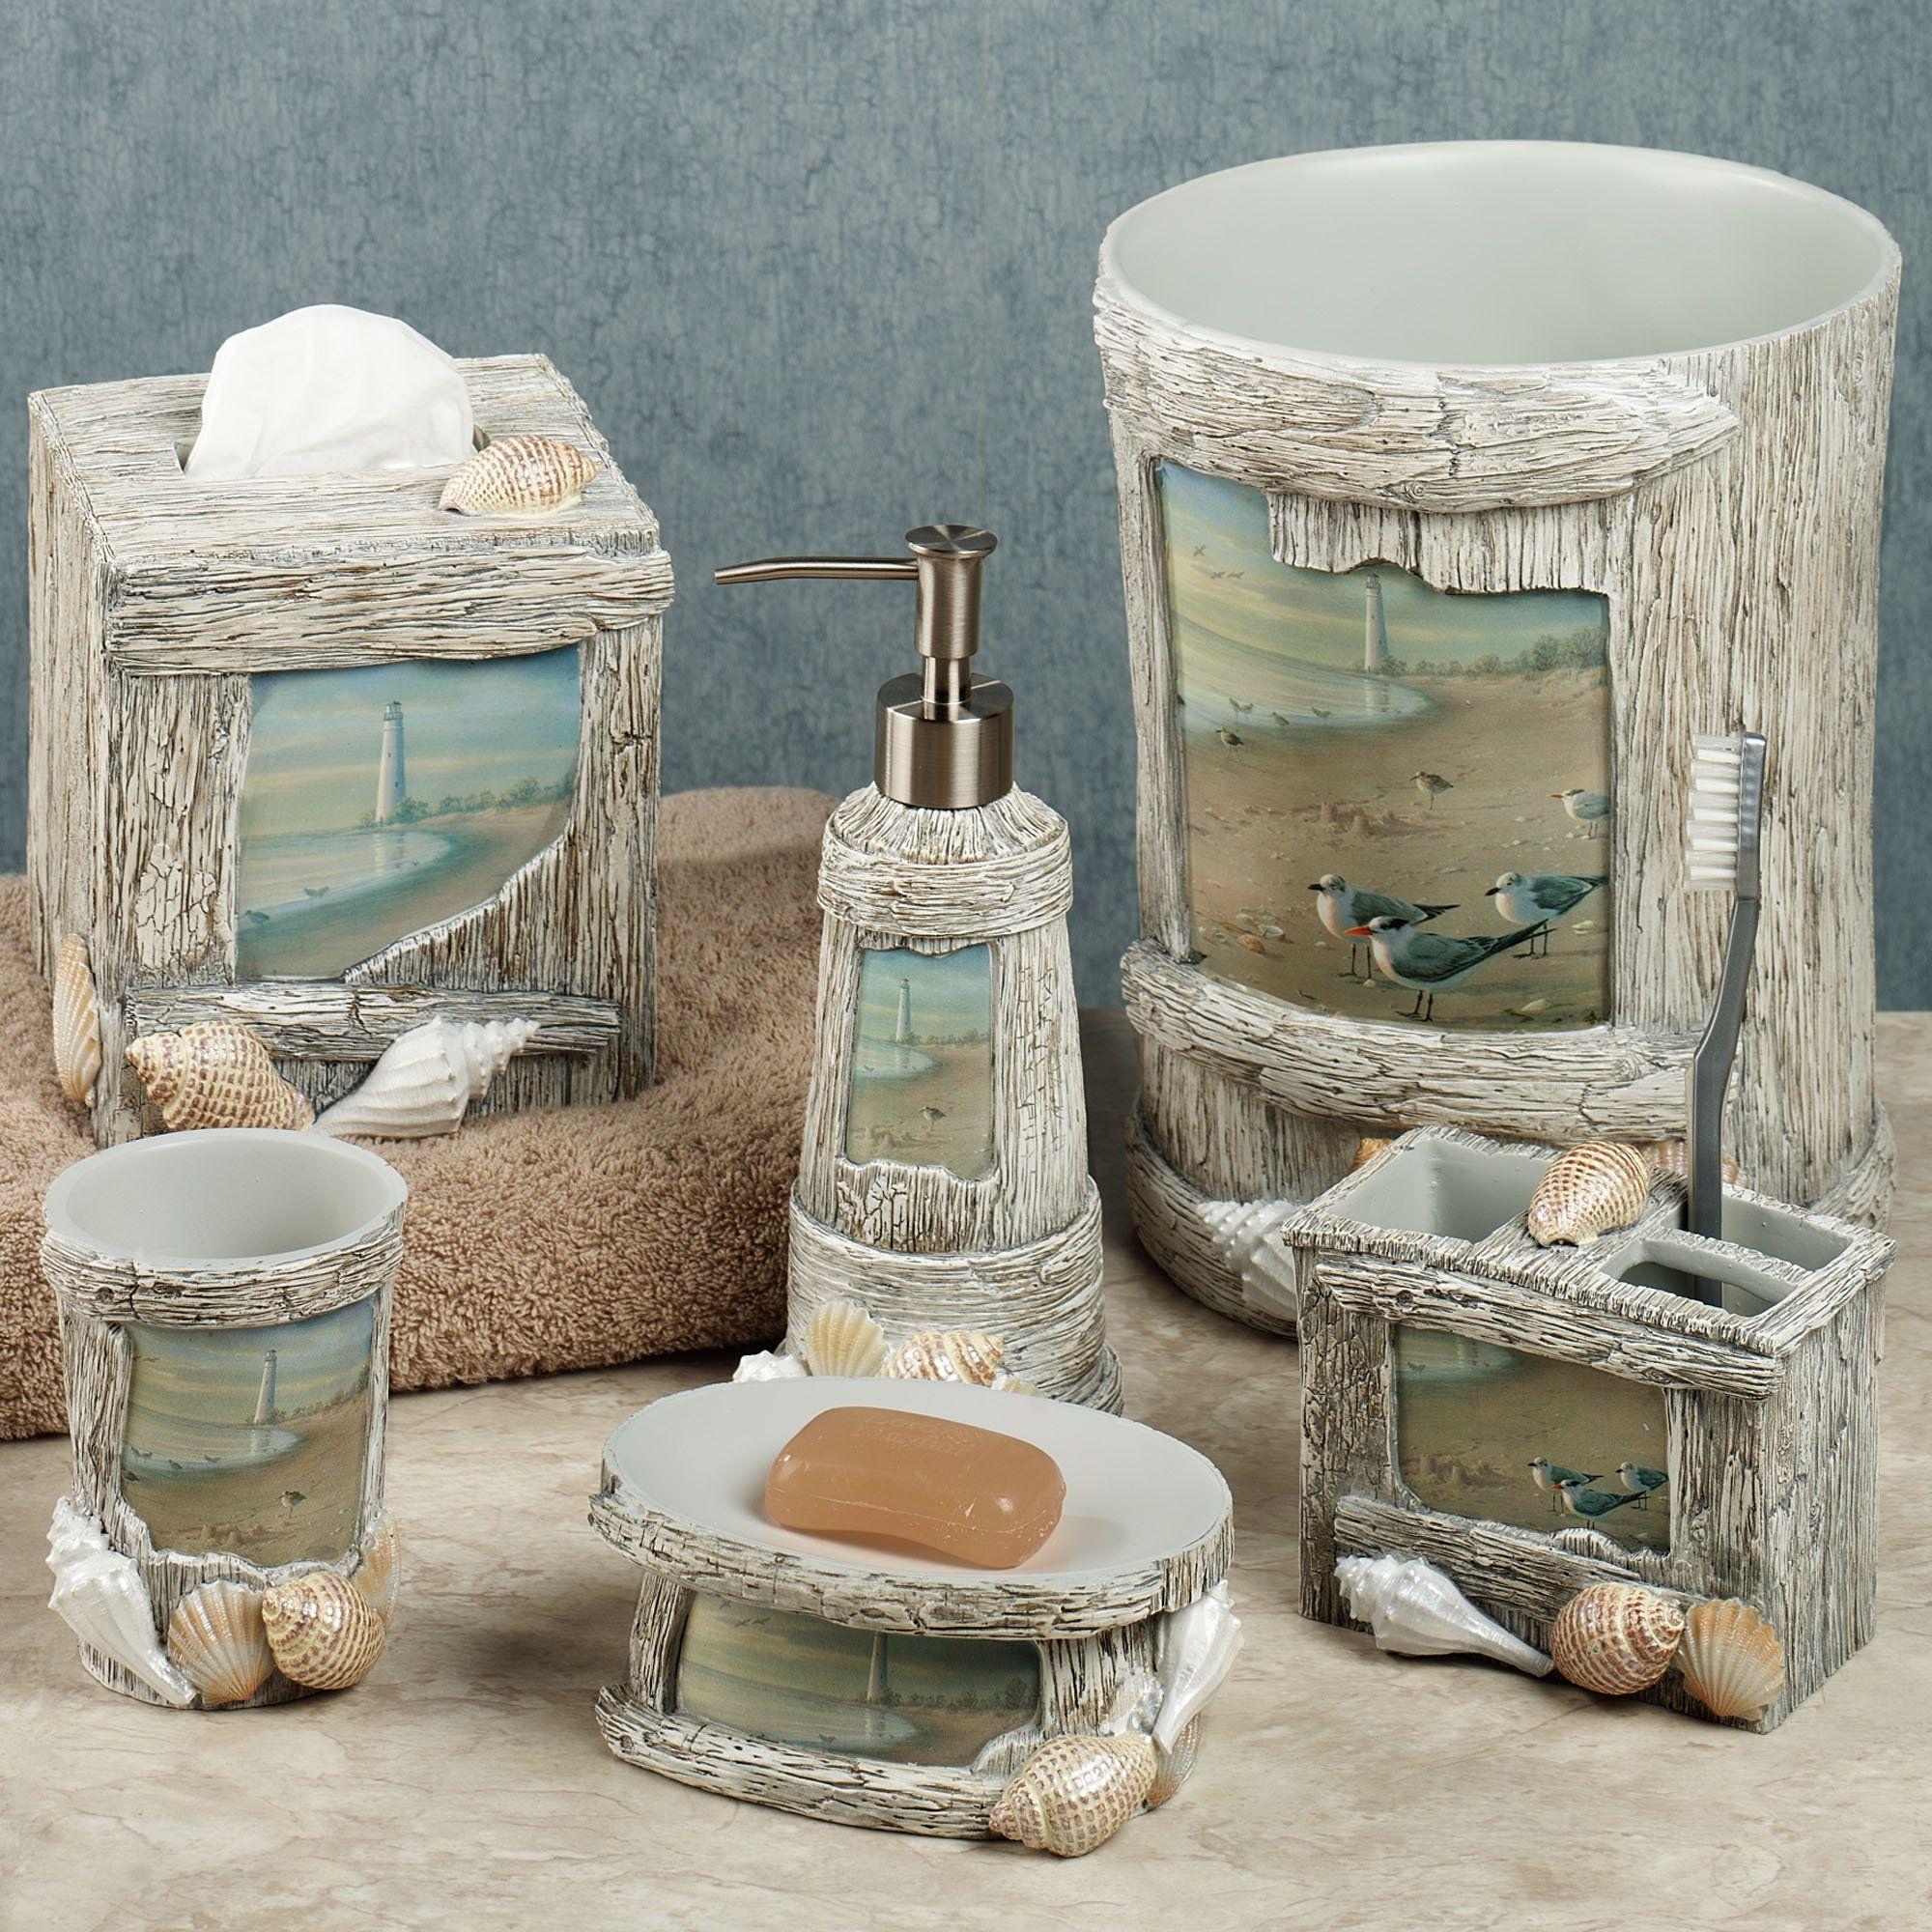 At The Beach Bath Accessories Beach Bathroom Decor Nautical